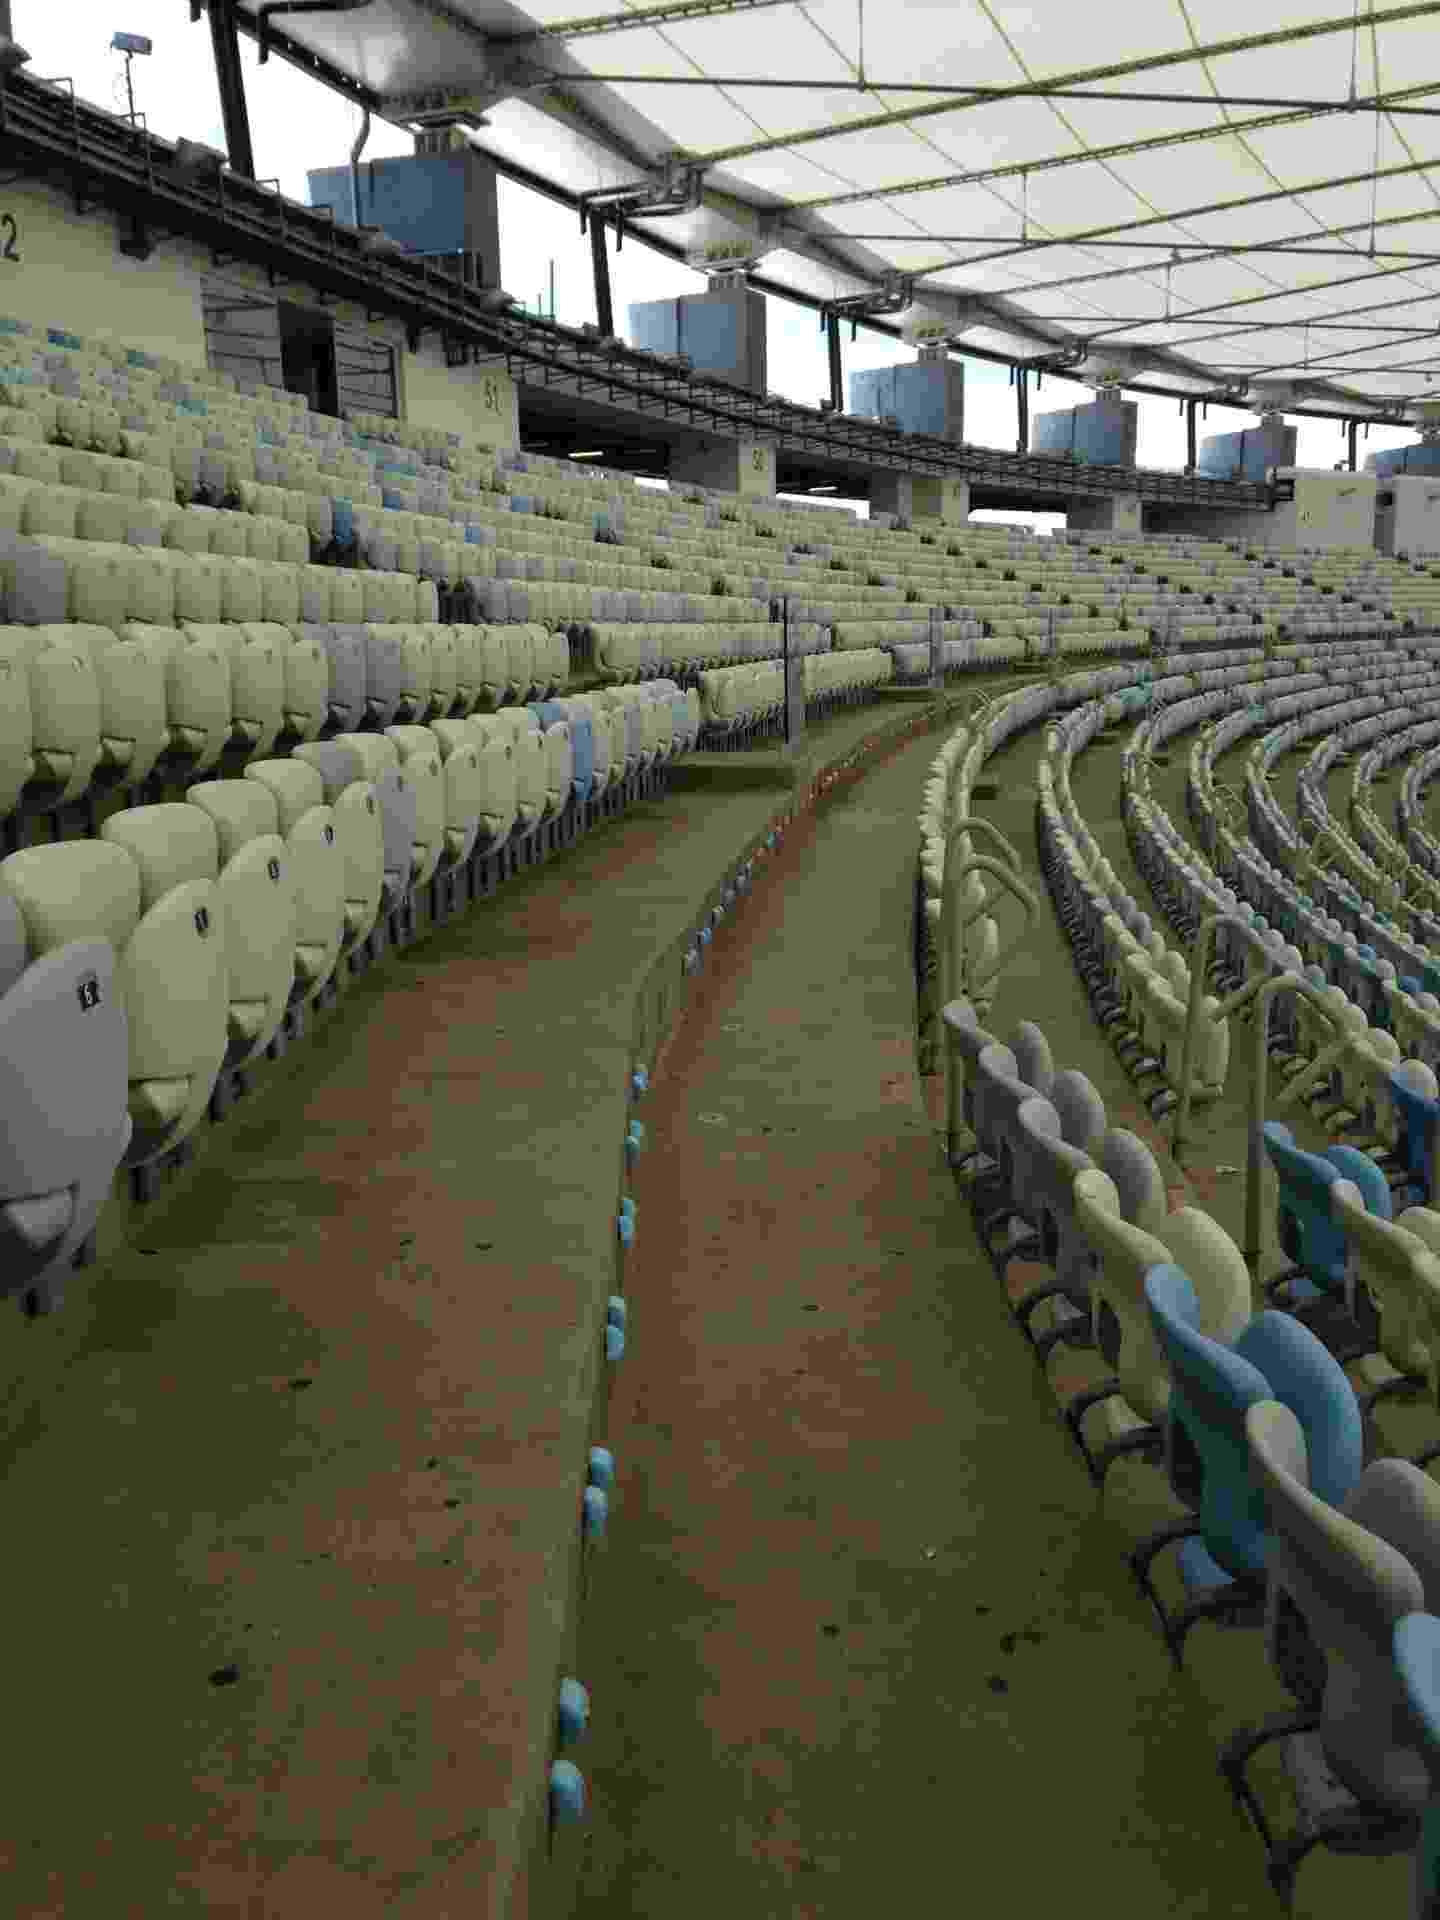 Maracanã ficou sem uma fileira inteira de cadeiras após os Jogos Olímpicos do Rio - Reprodução